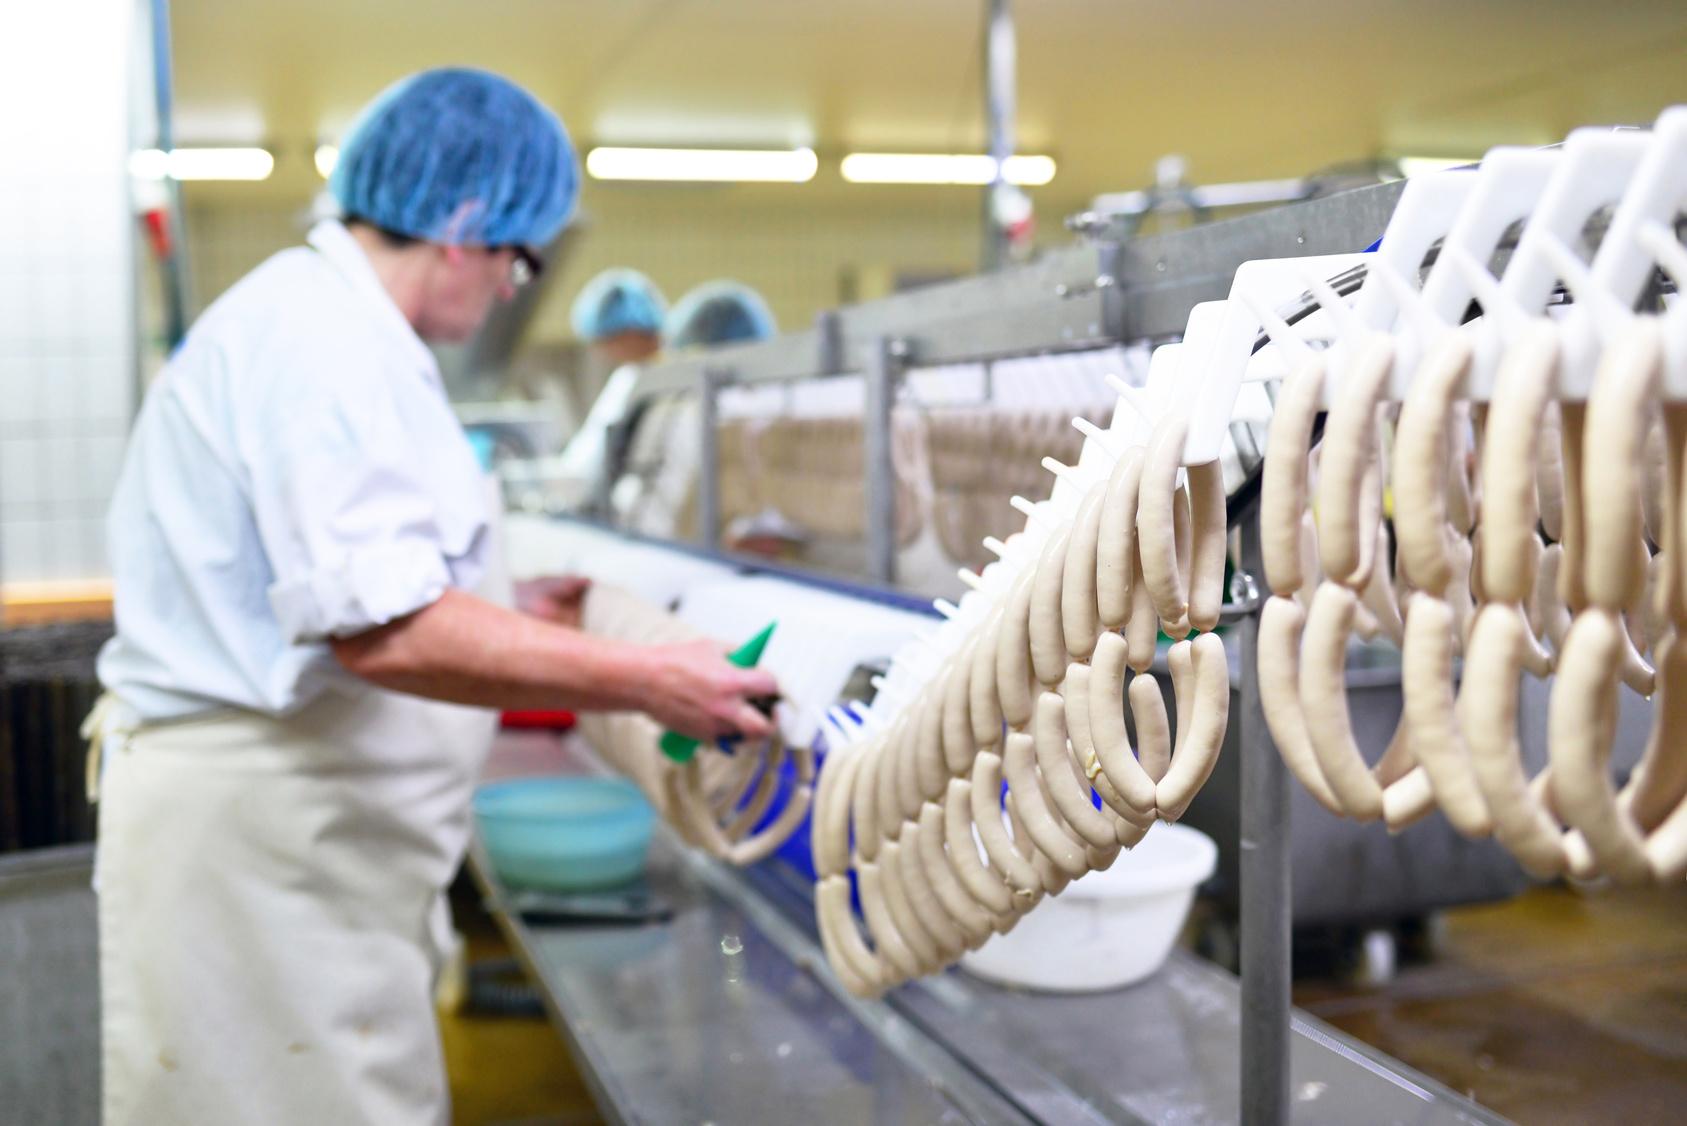 Herstellung von Wrsten in einer Fabrik - Lebensmittelindustrie